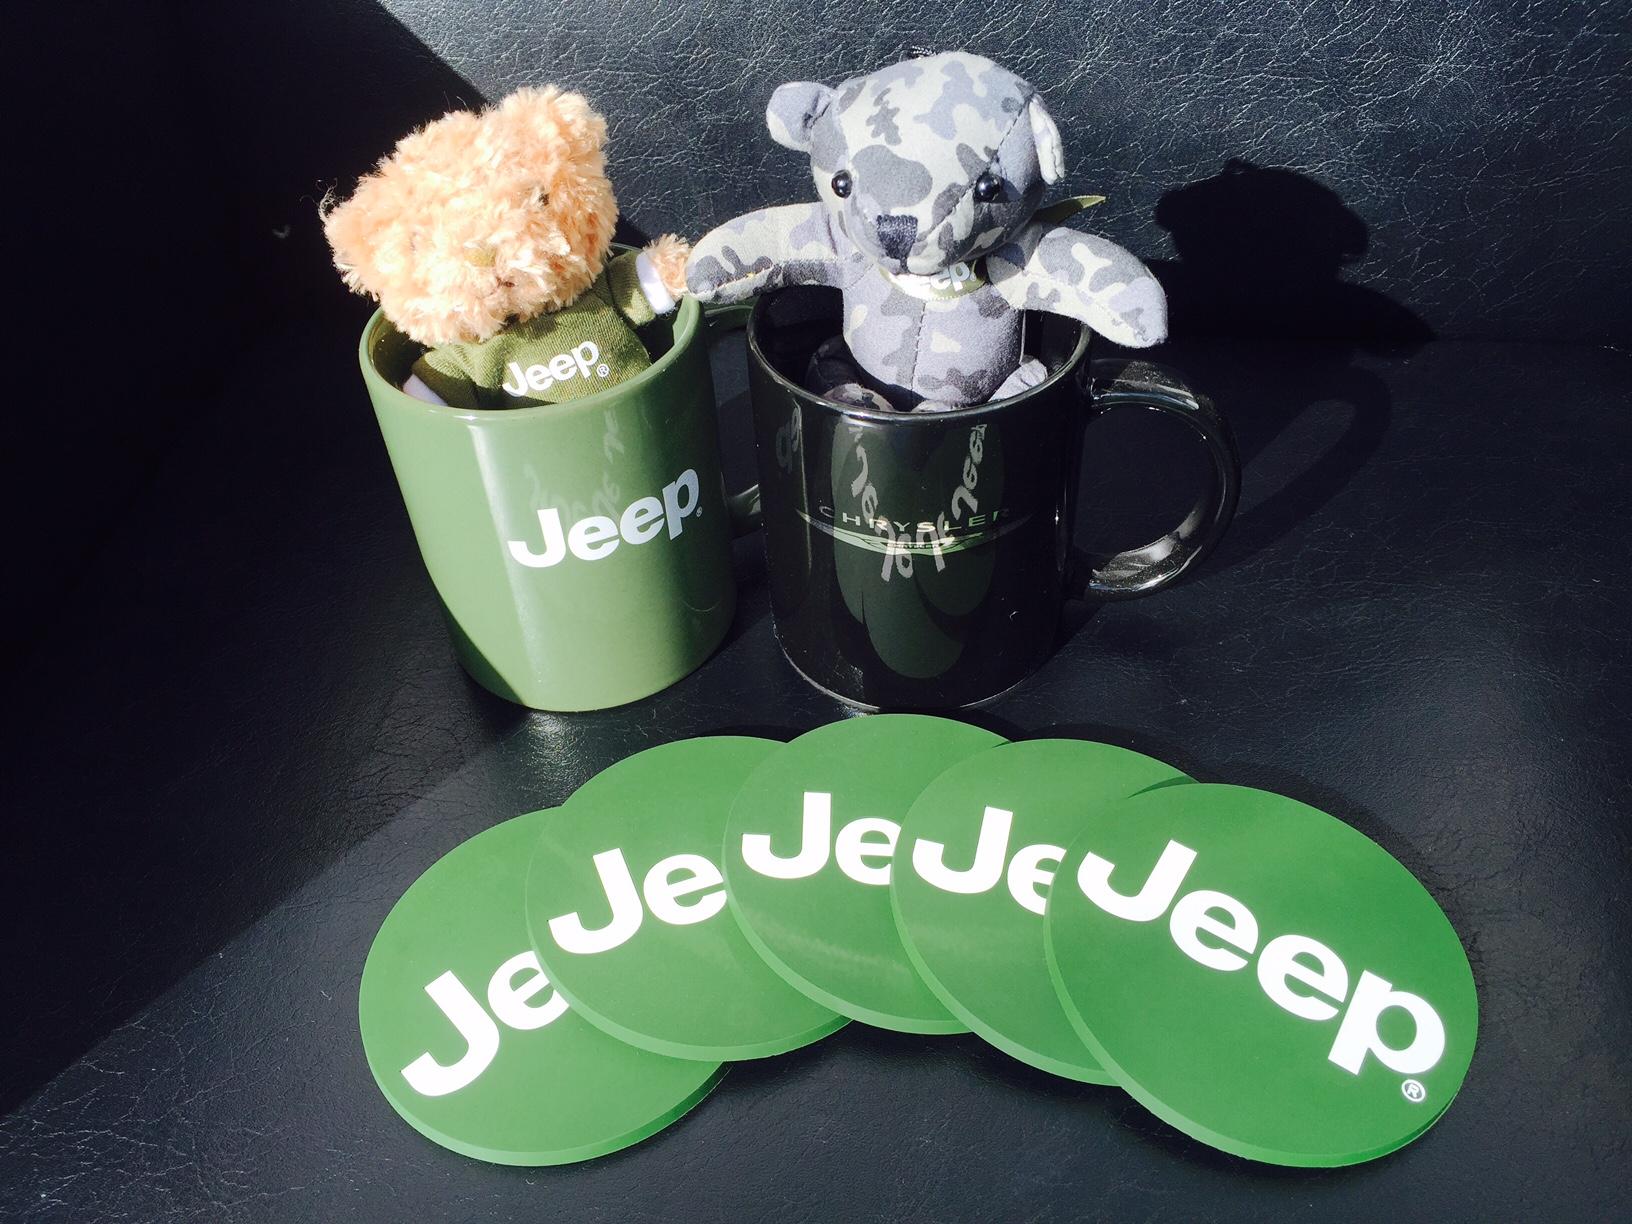 Jeep コースターセット (5枚)